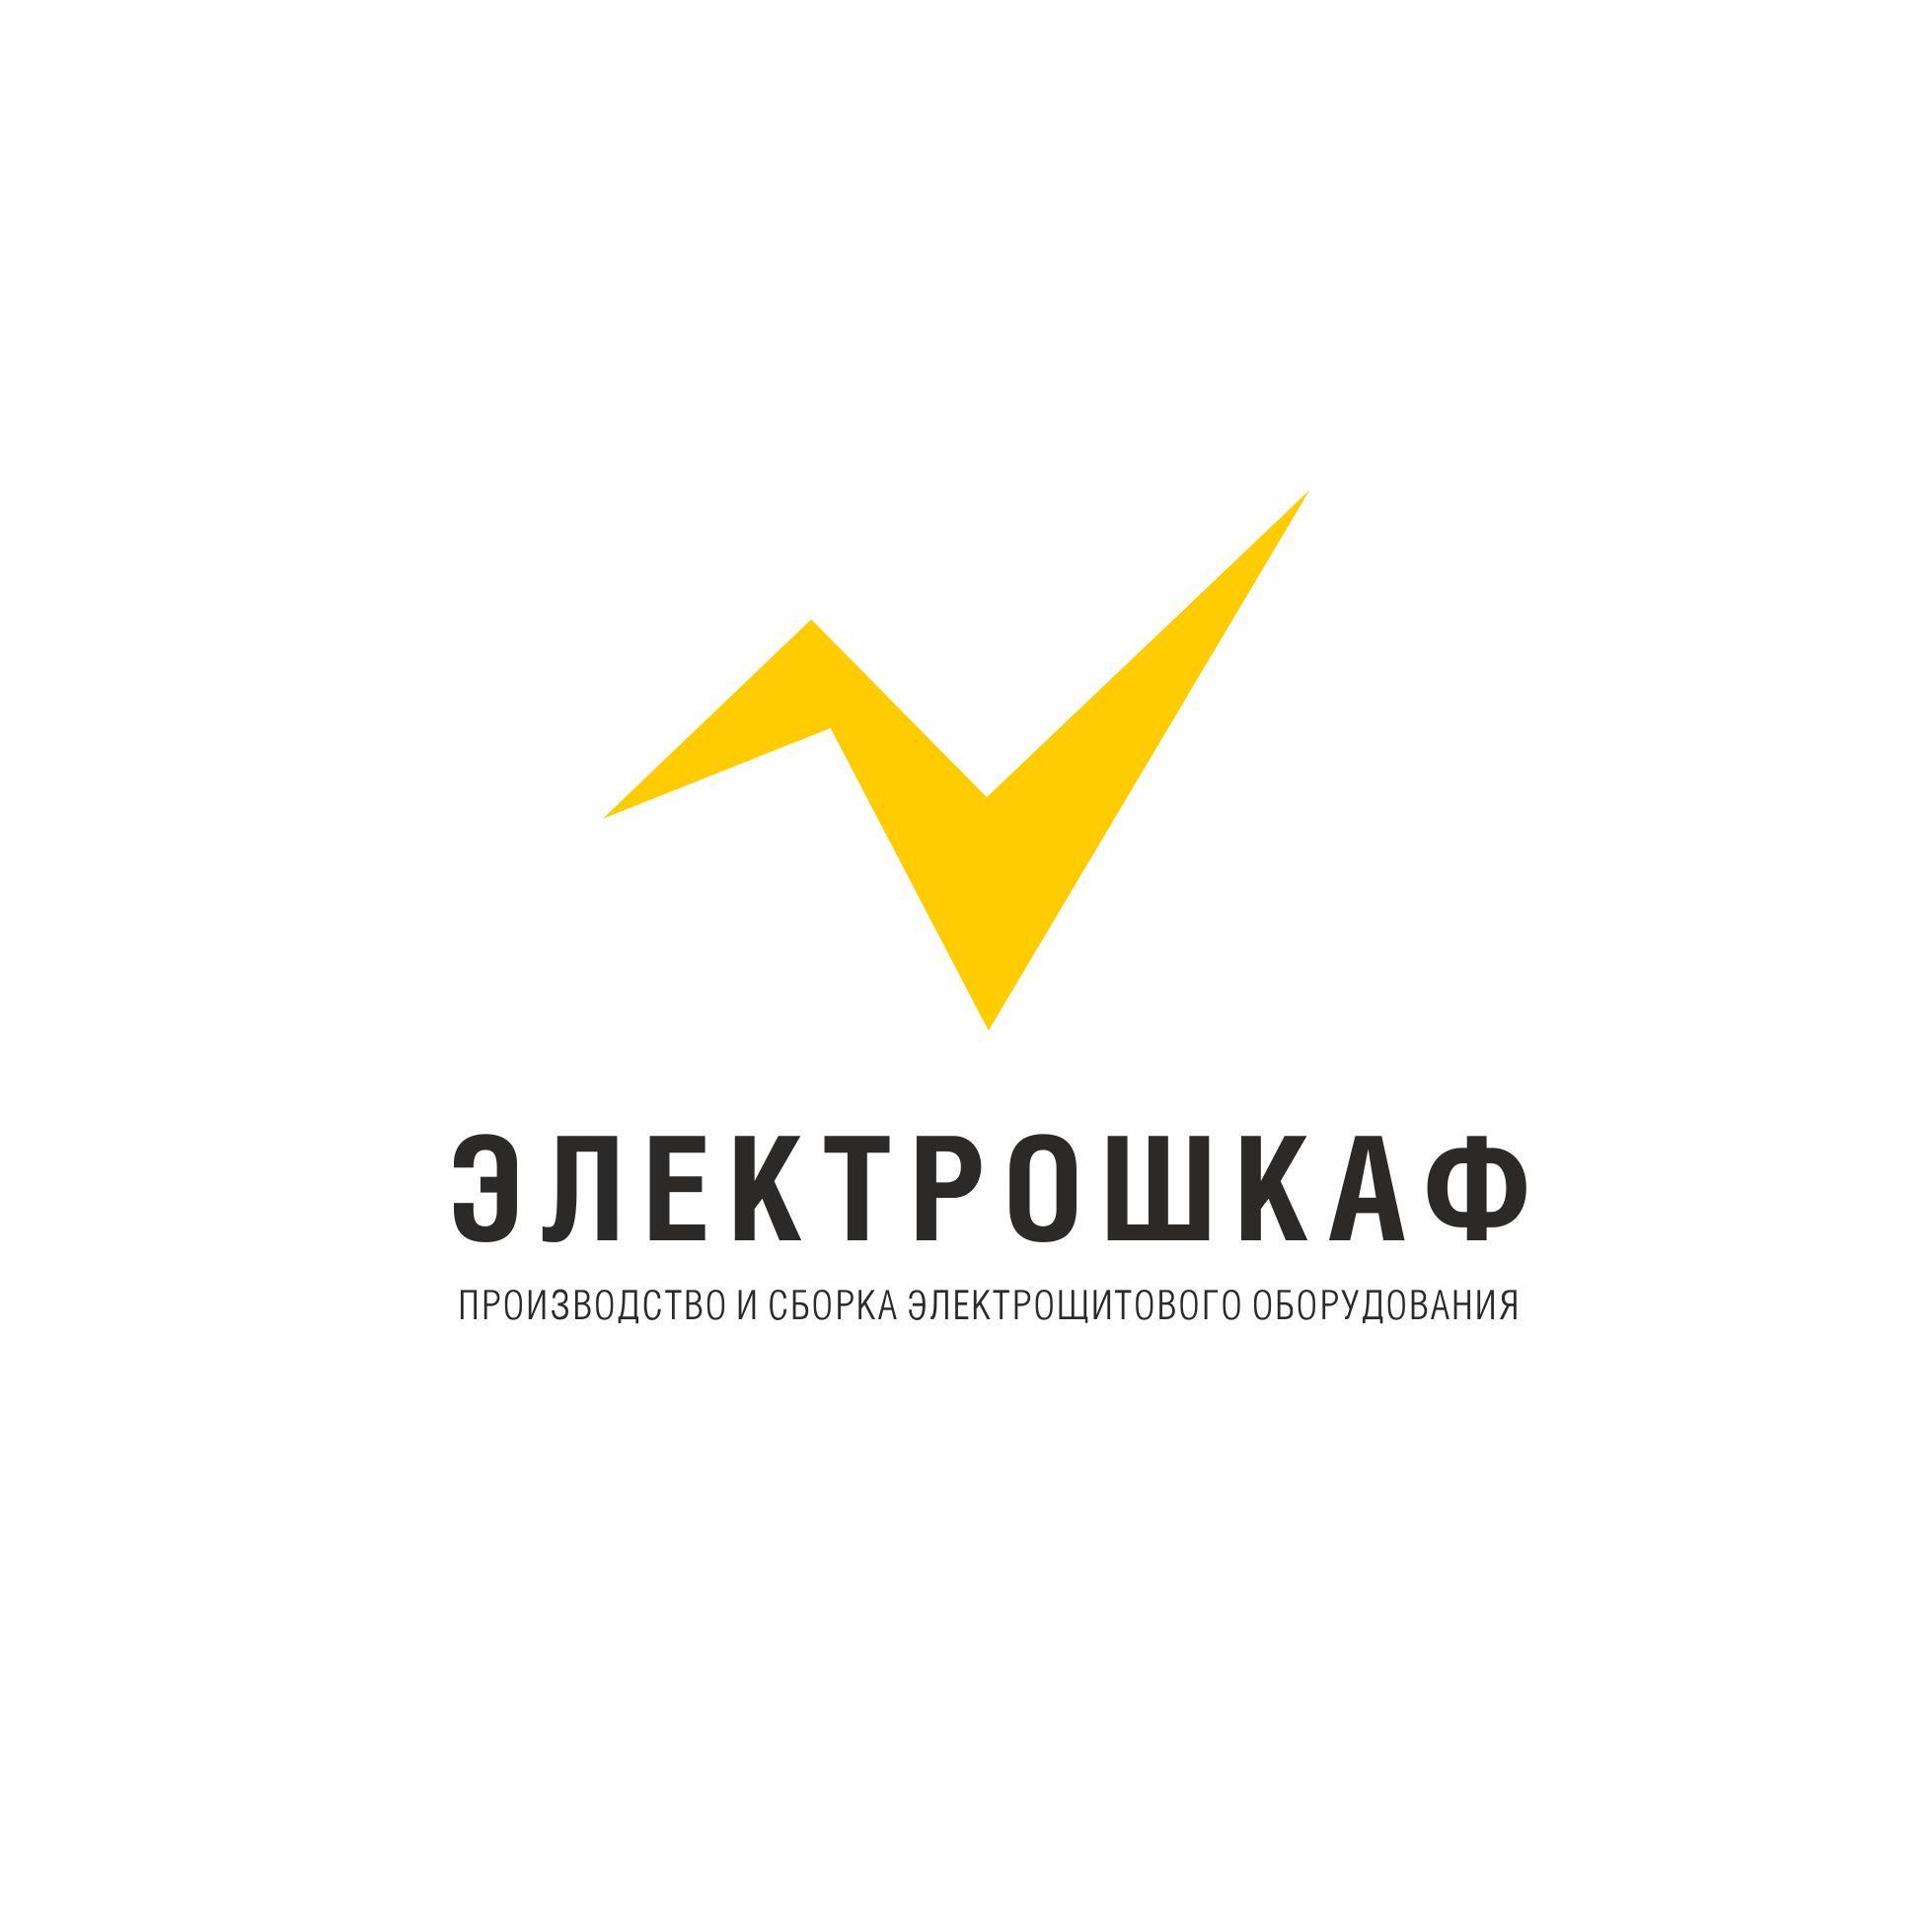 Разработать логотип для завода по производству электрощитов фото f_5225b6d39440f2e4.jpg